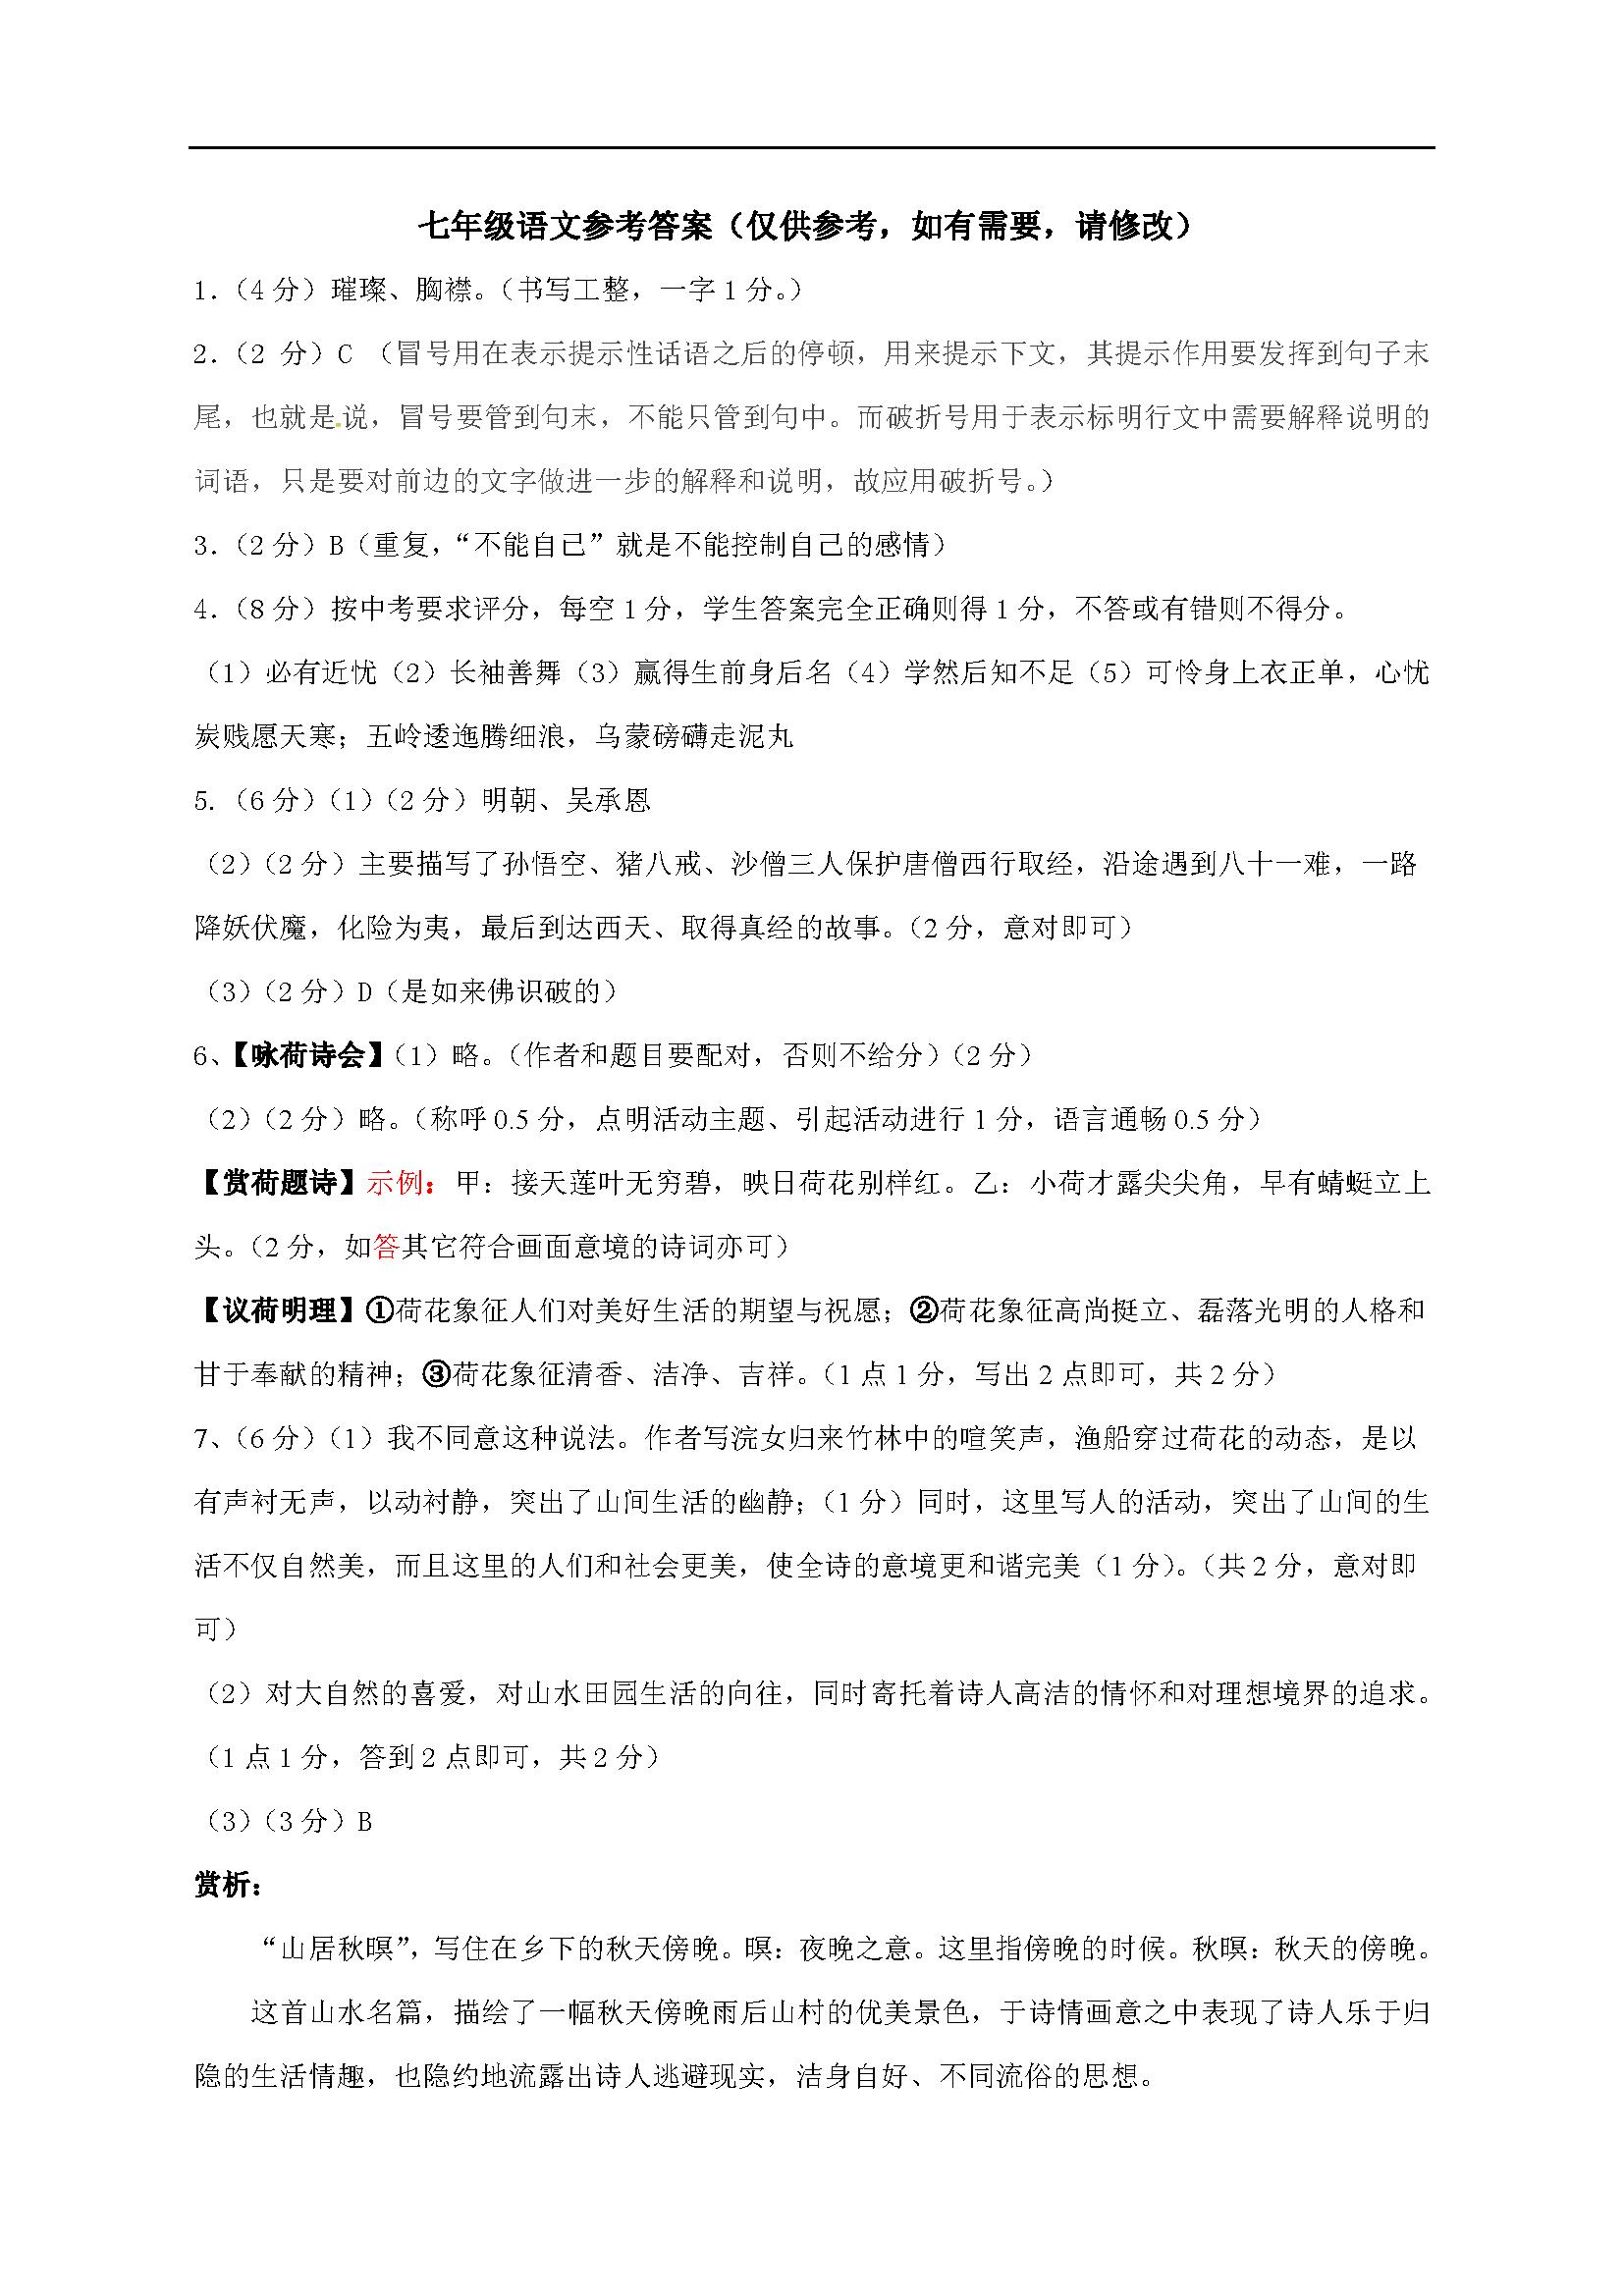 江苏兴化2016-2017学年七年级下学期期末语文试题答案(图片版)